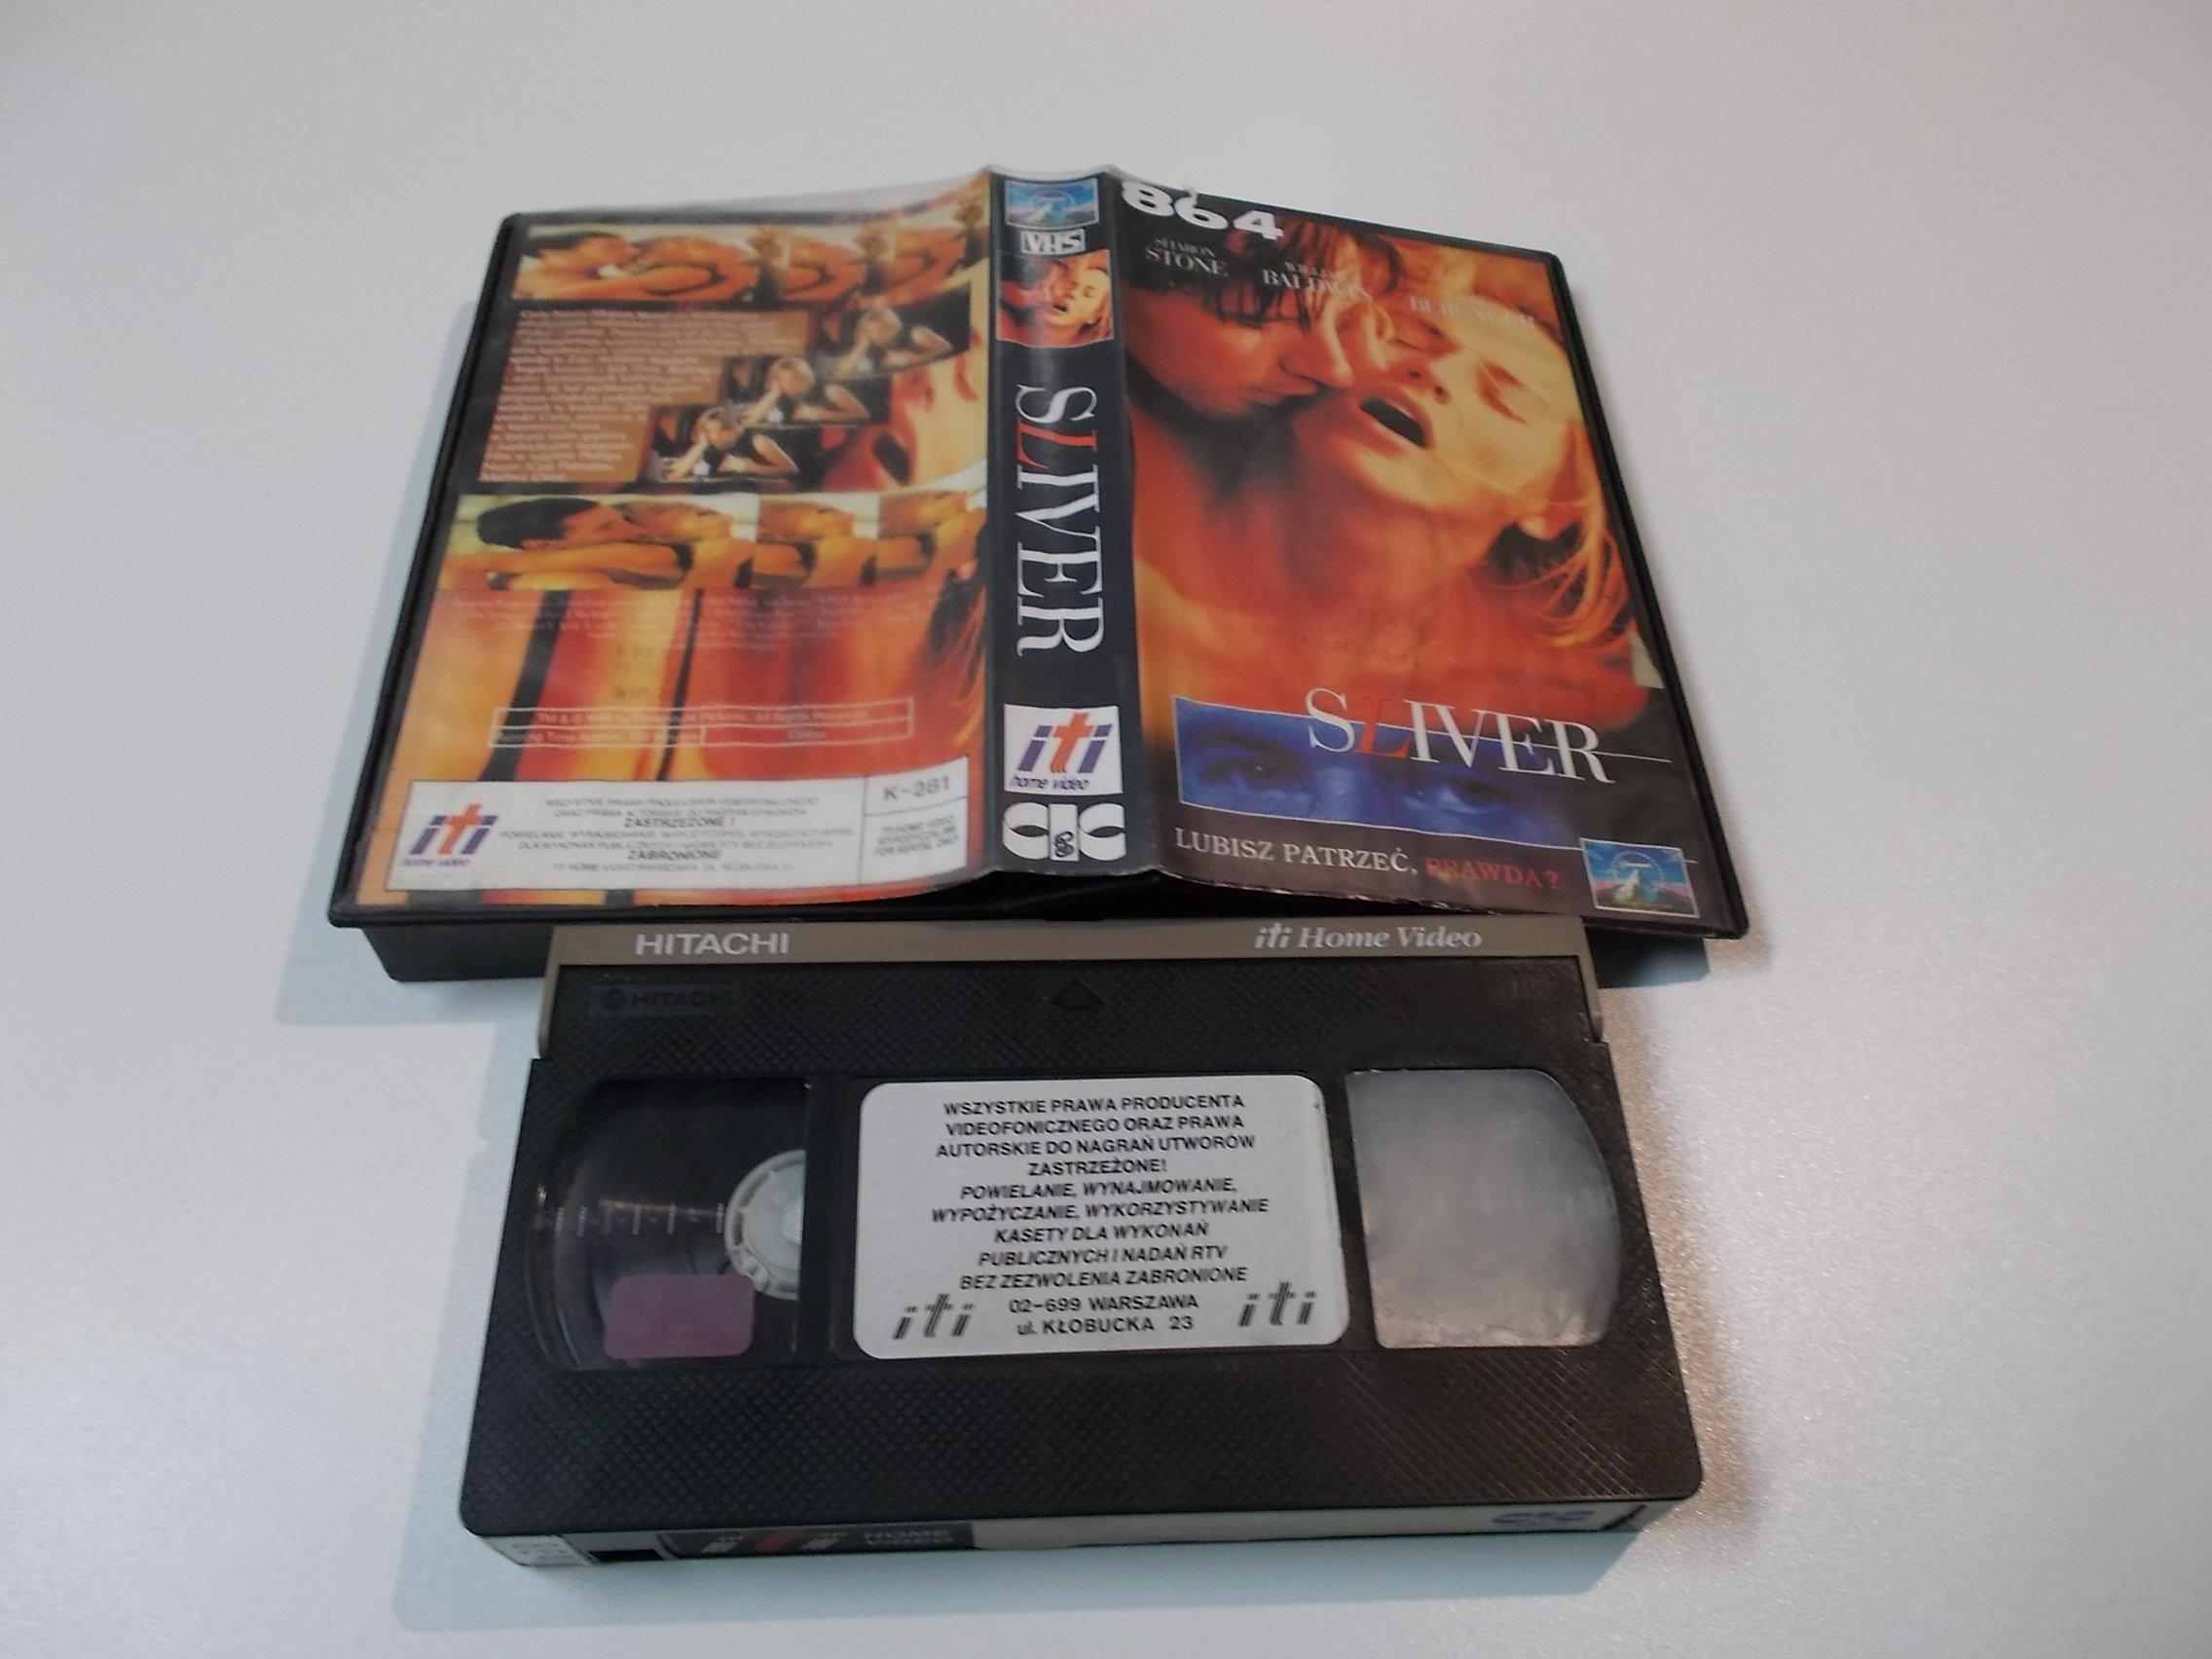 SLIVER -  kaseta Video VHS - 1465 Sklep